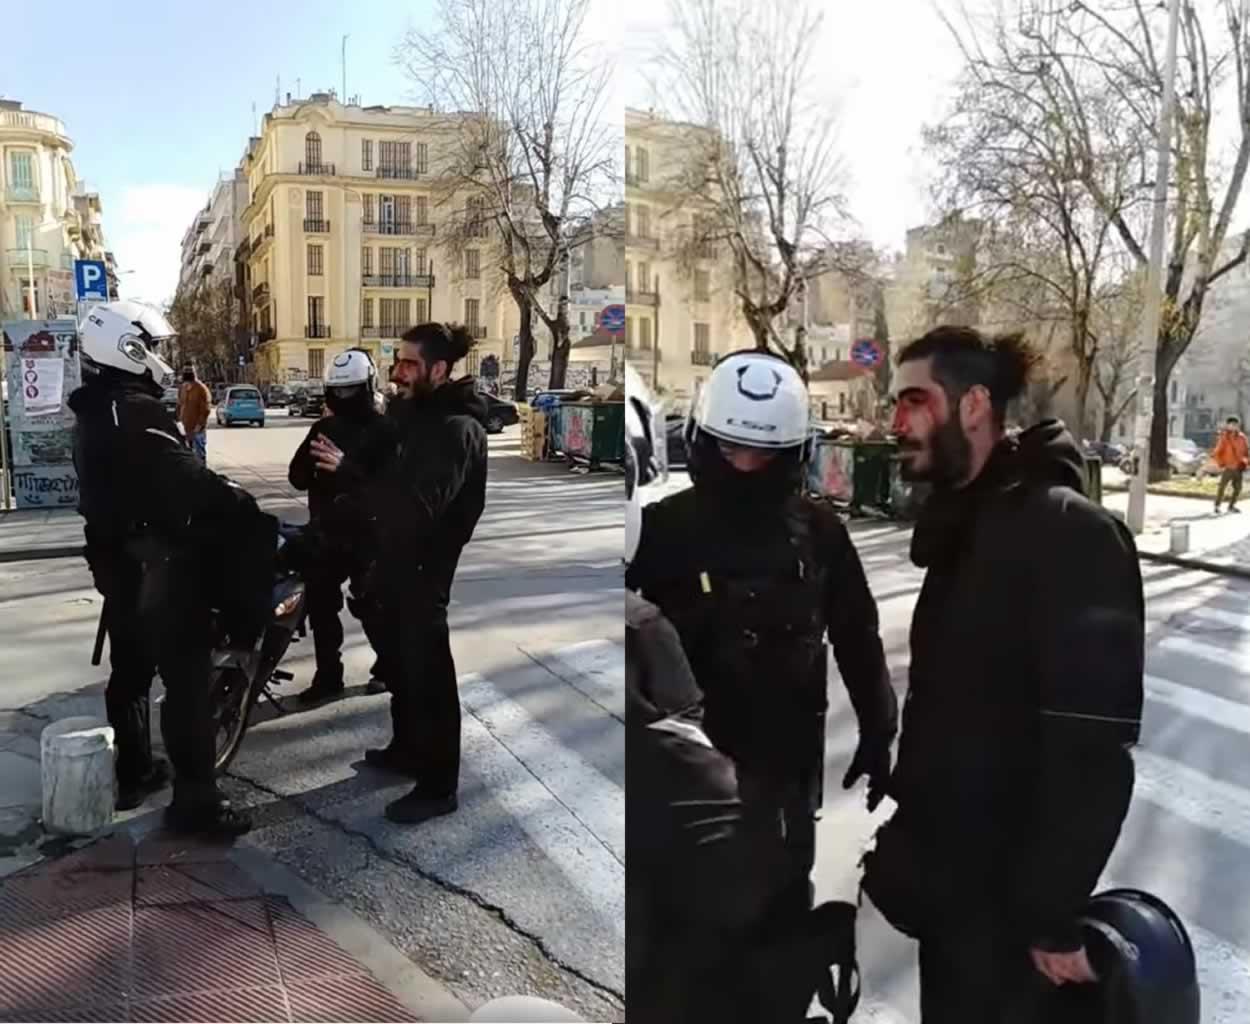 αστυνομία, αστυνομία, αστυνομία στα πανεπιστήμια, αστυνομία θεσσαλονίκη, αστυνομία ονειροκρίτησ, αστυνομία ιωαννίνων, αστυνομία τηλέφωνο, αστυνομία χαλκίδασ, αστυνομία σερρών, αστυνομία προκήρυξη, αστυνομία λαρισασ,